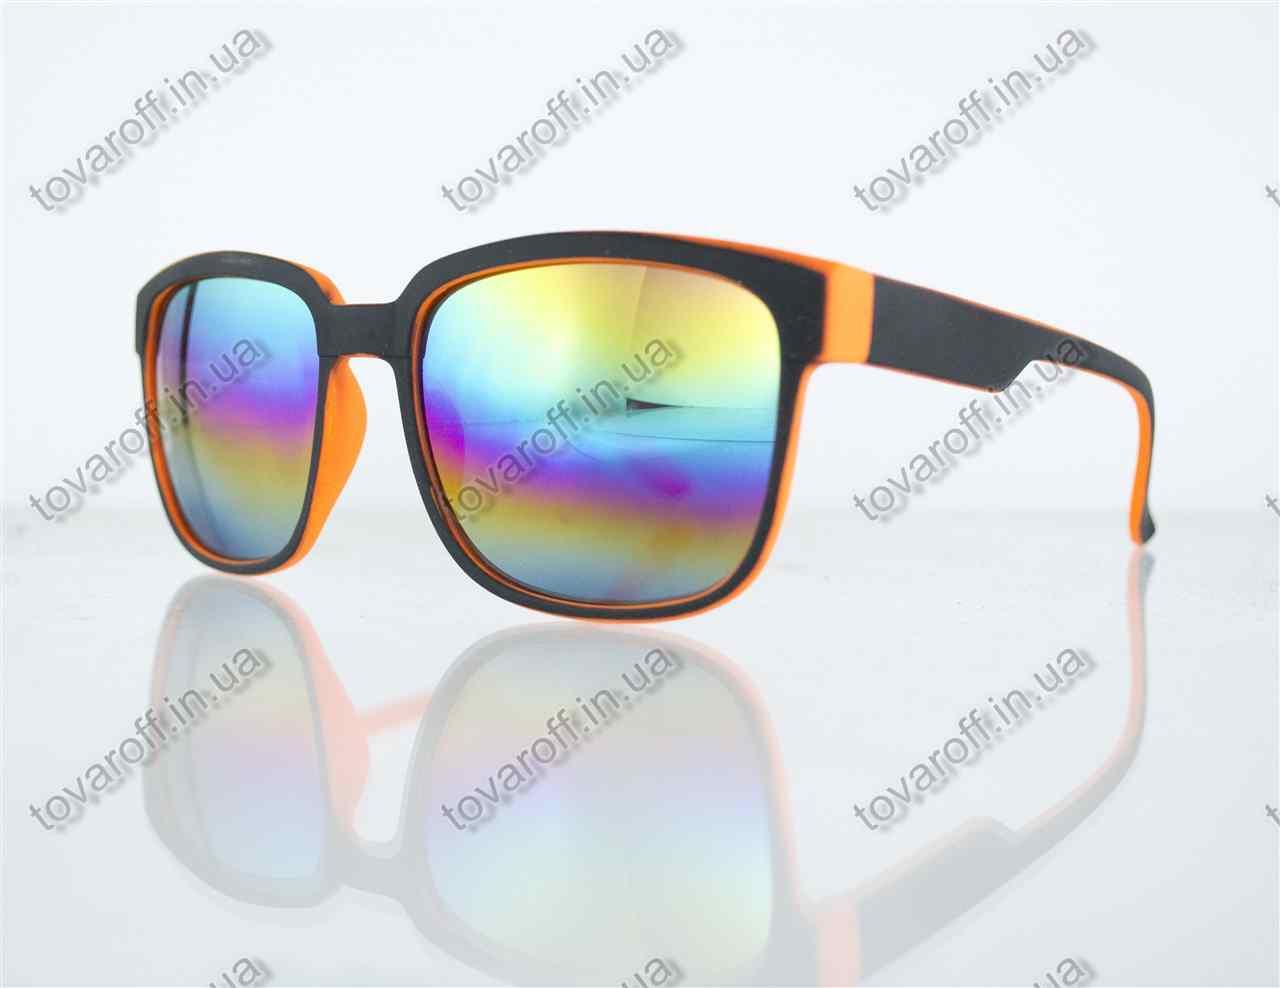 Окуляри унісекс сонцезахисні Вайфарер (Wayfarer) з дзеркальними лінзами - Чорно-помаранчеві - 2104